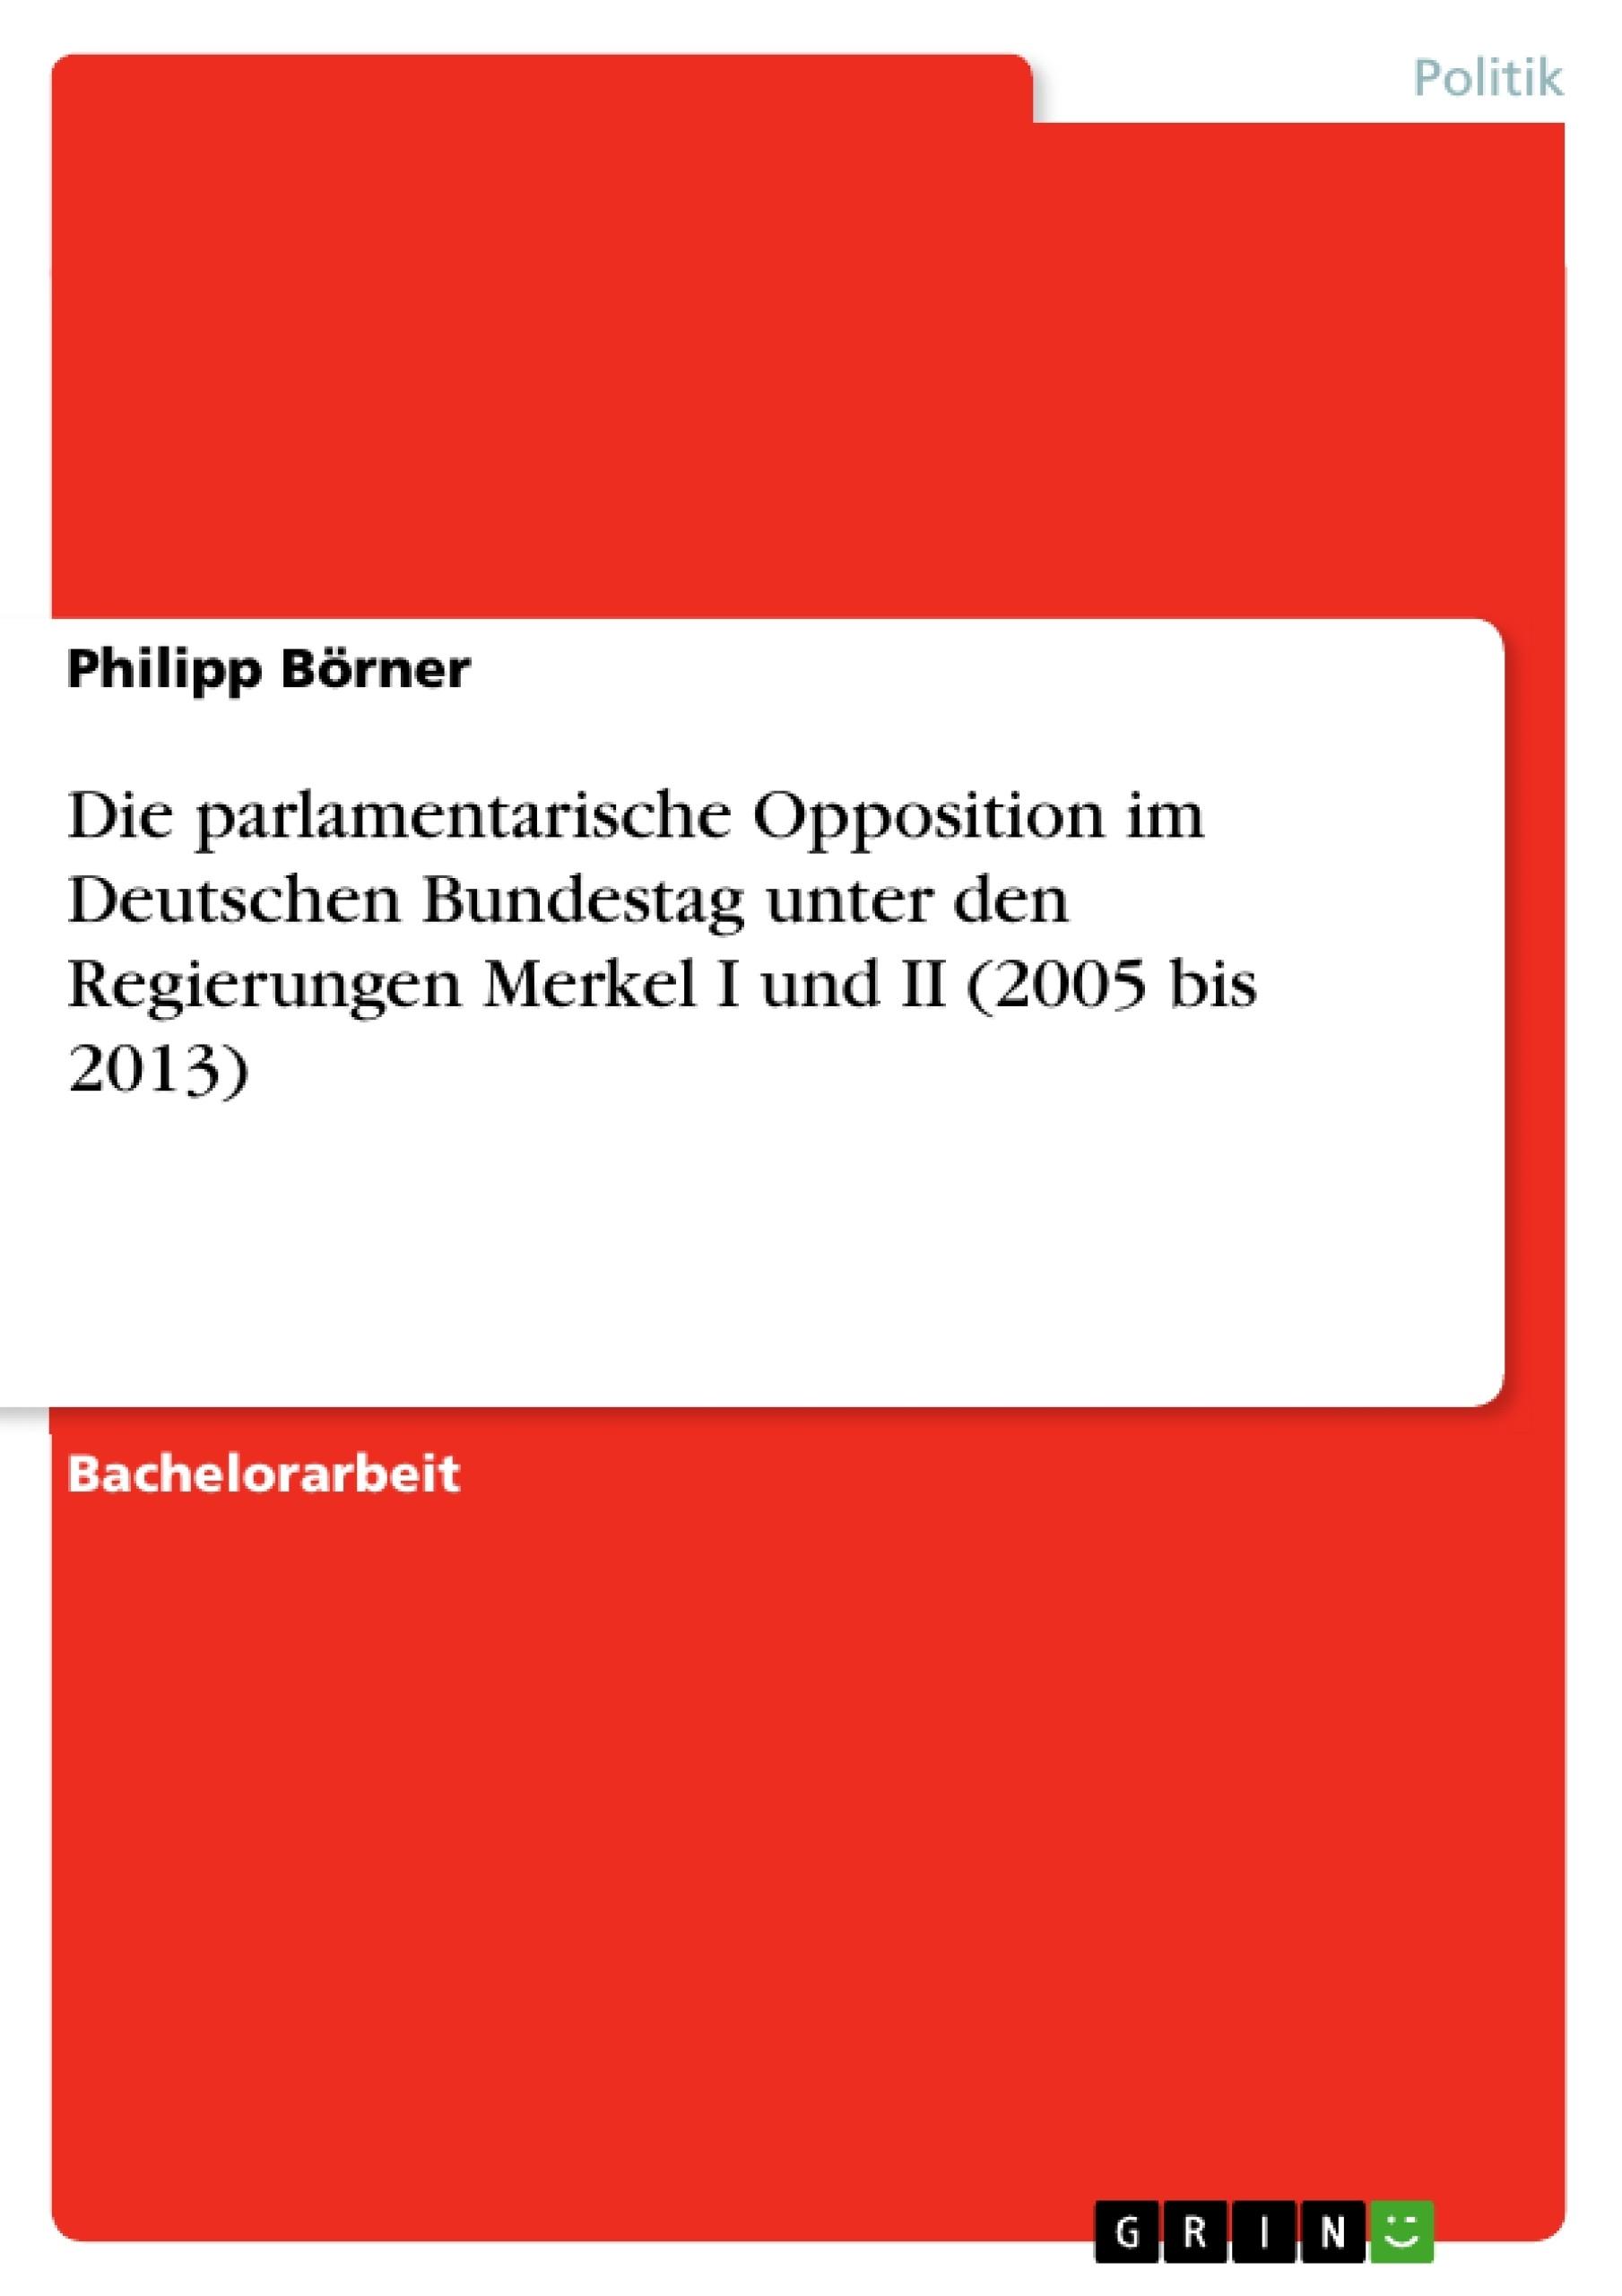 Titel: Die parlamentarische Opposition im Deutschen Bundestag unter den Regierungen Merkel I und II (2005 bis 2013)